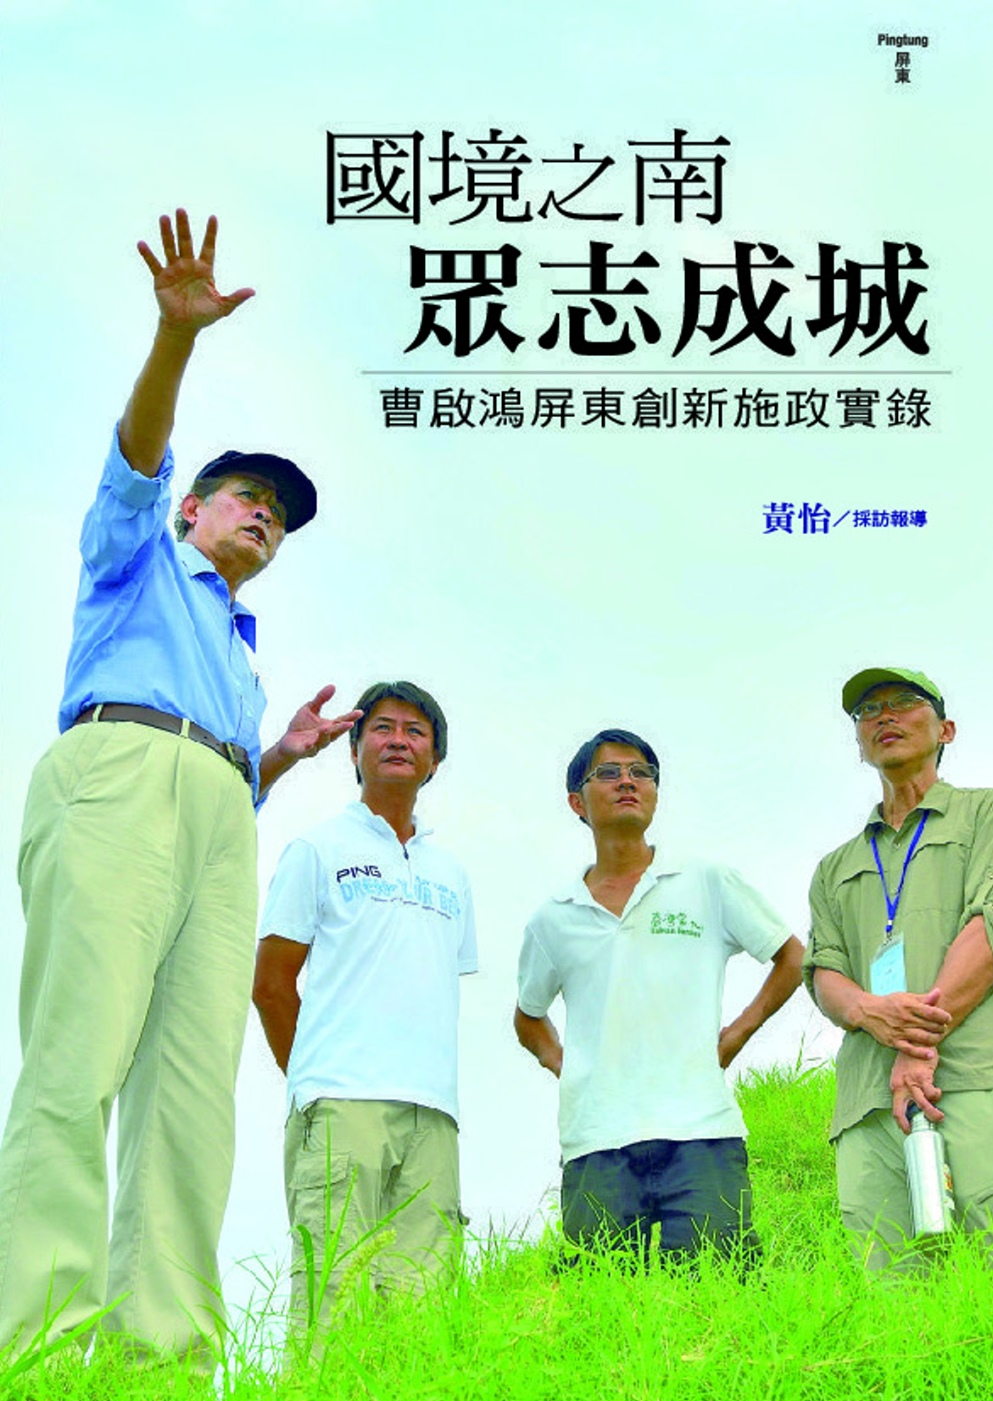 國境之南,眾志成城:曹啟鴻屏東創新施政實錄